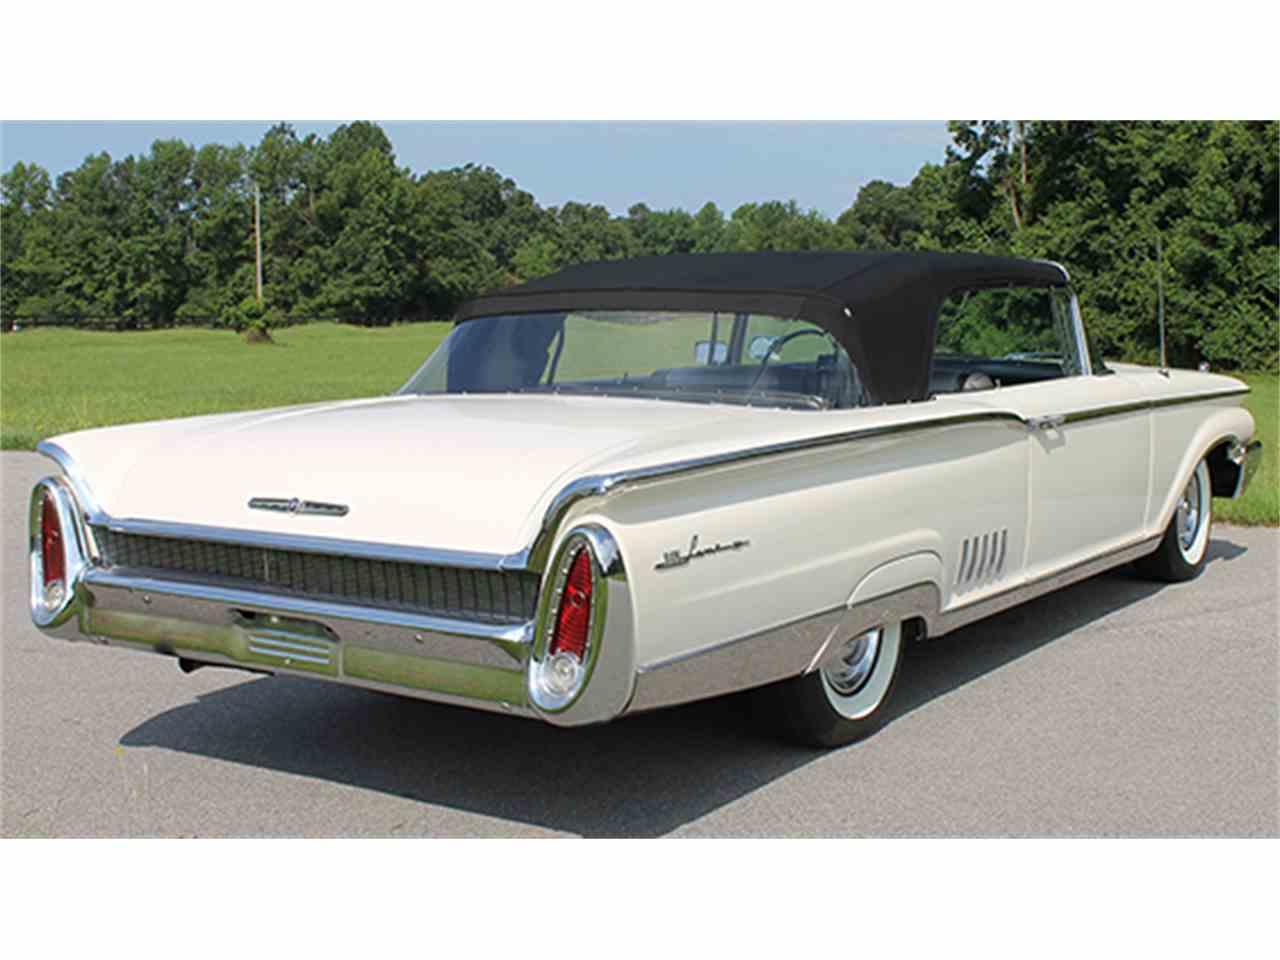 Best Cars Under 5000 >> 1960 Mercury Park Lane for Sale | ClassicCars.com | CC-886088